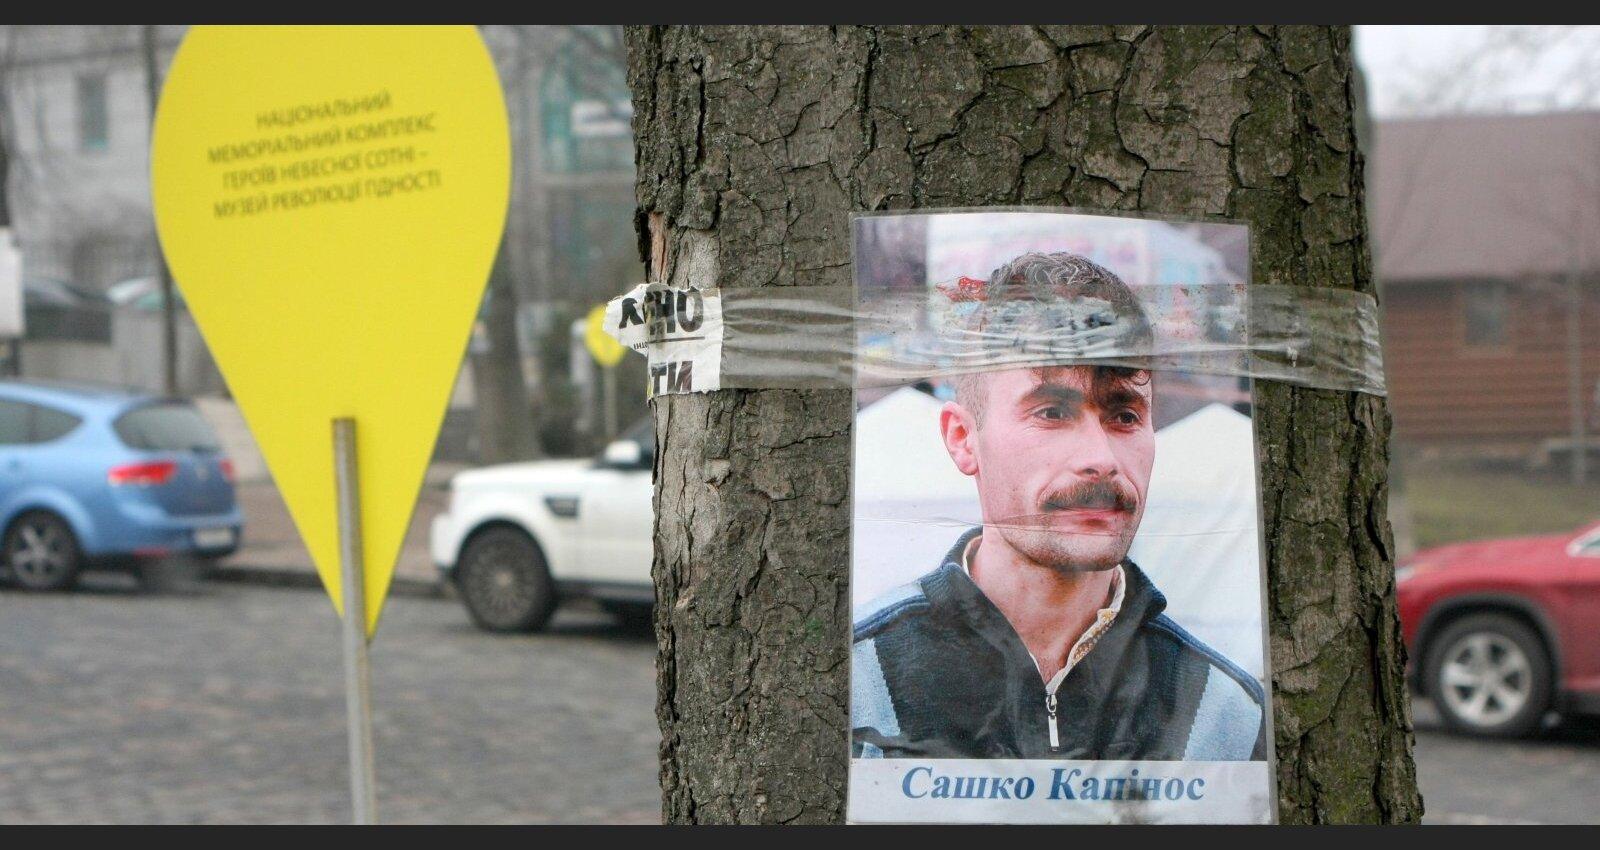 'Back to normal': Kijevā noplok revolūcijas panākumu sajūta